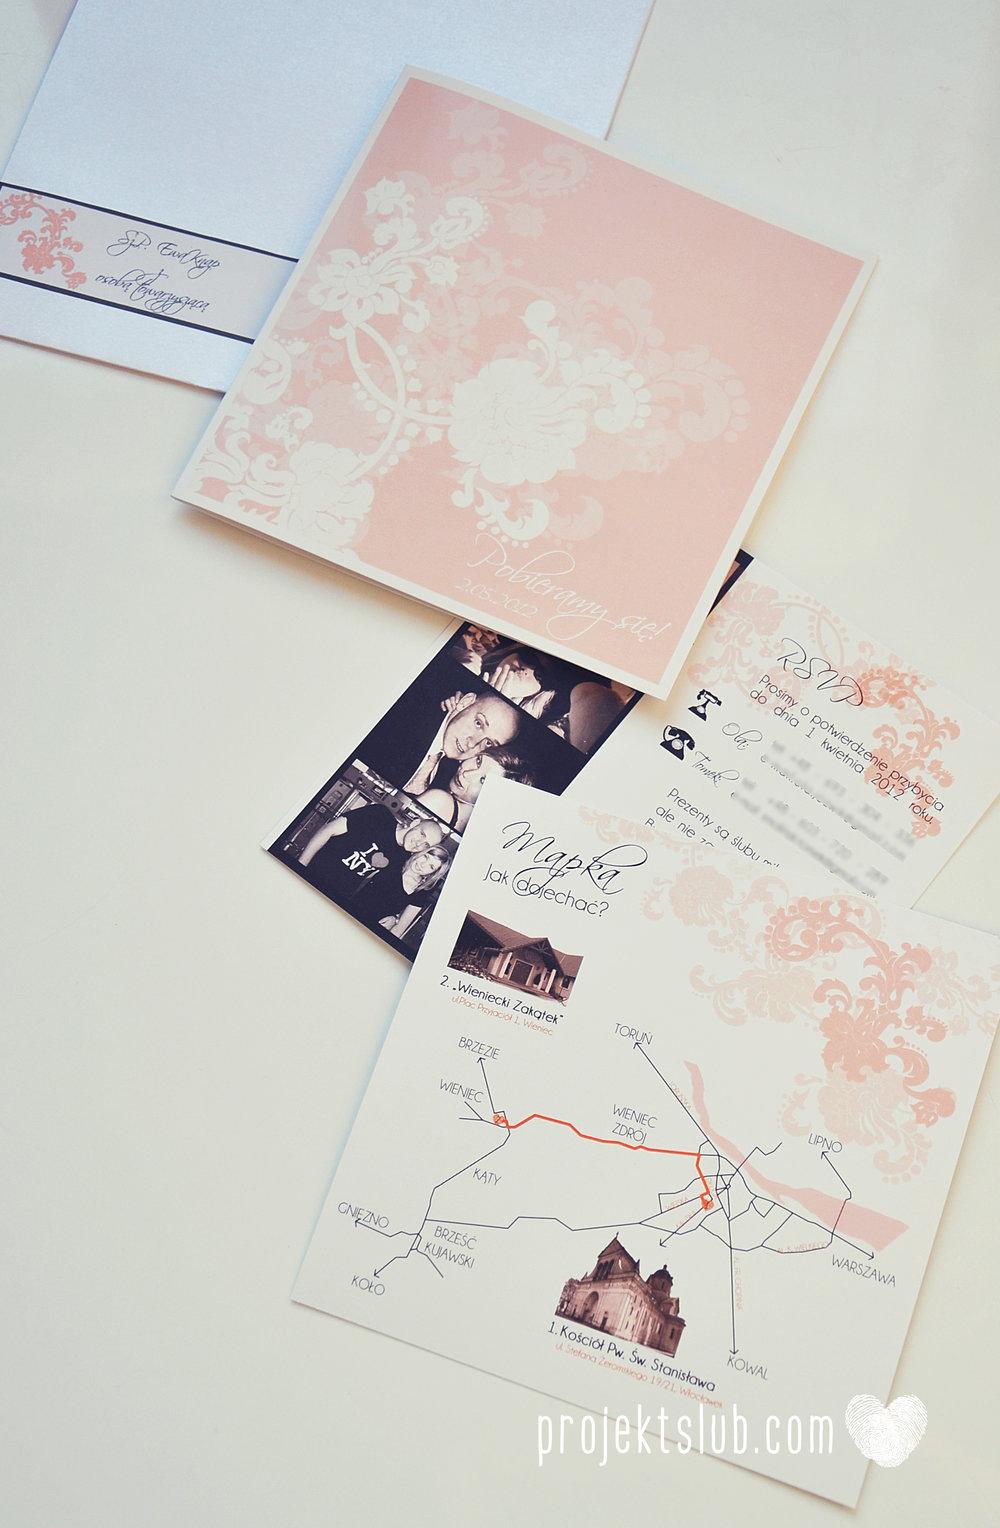 zaproszenia ślubne pudrowa elegancja róż pastele delikatne graficzne motywy klasyczny format projekt ślub (6).jpg